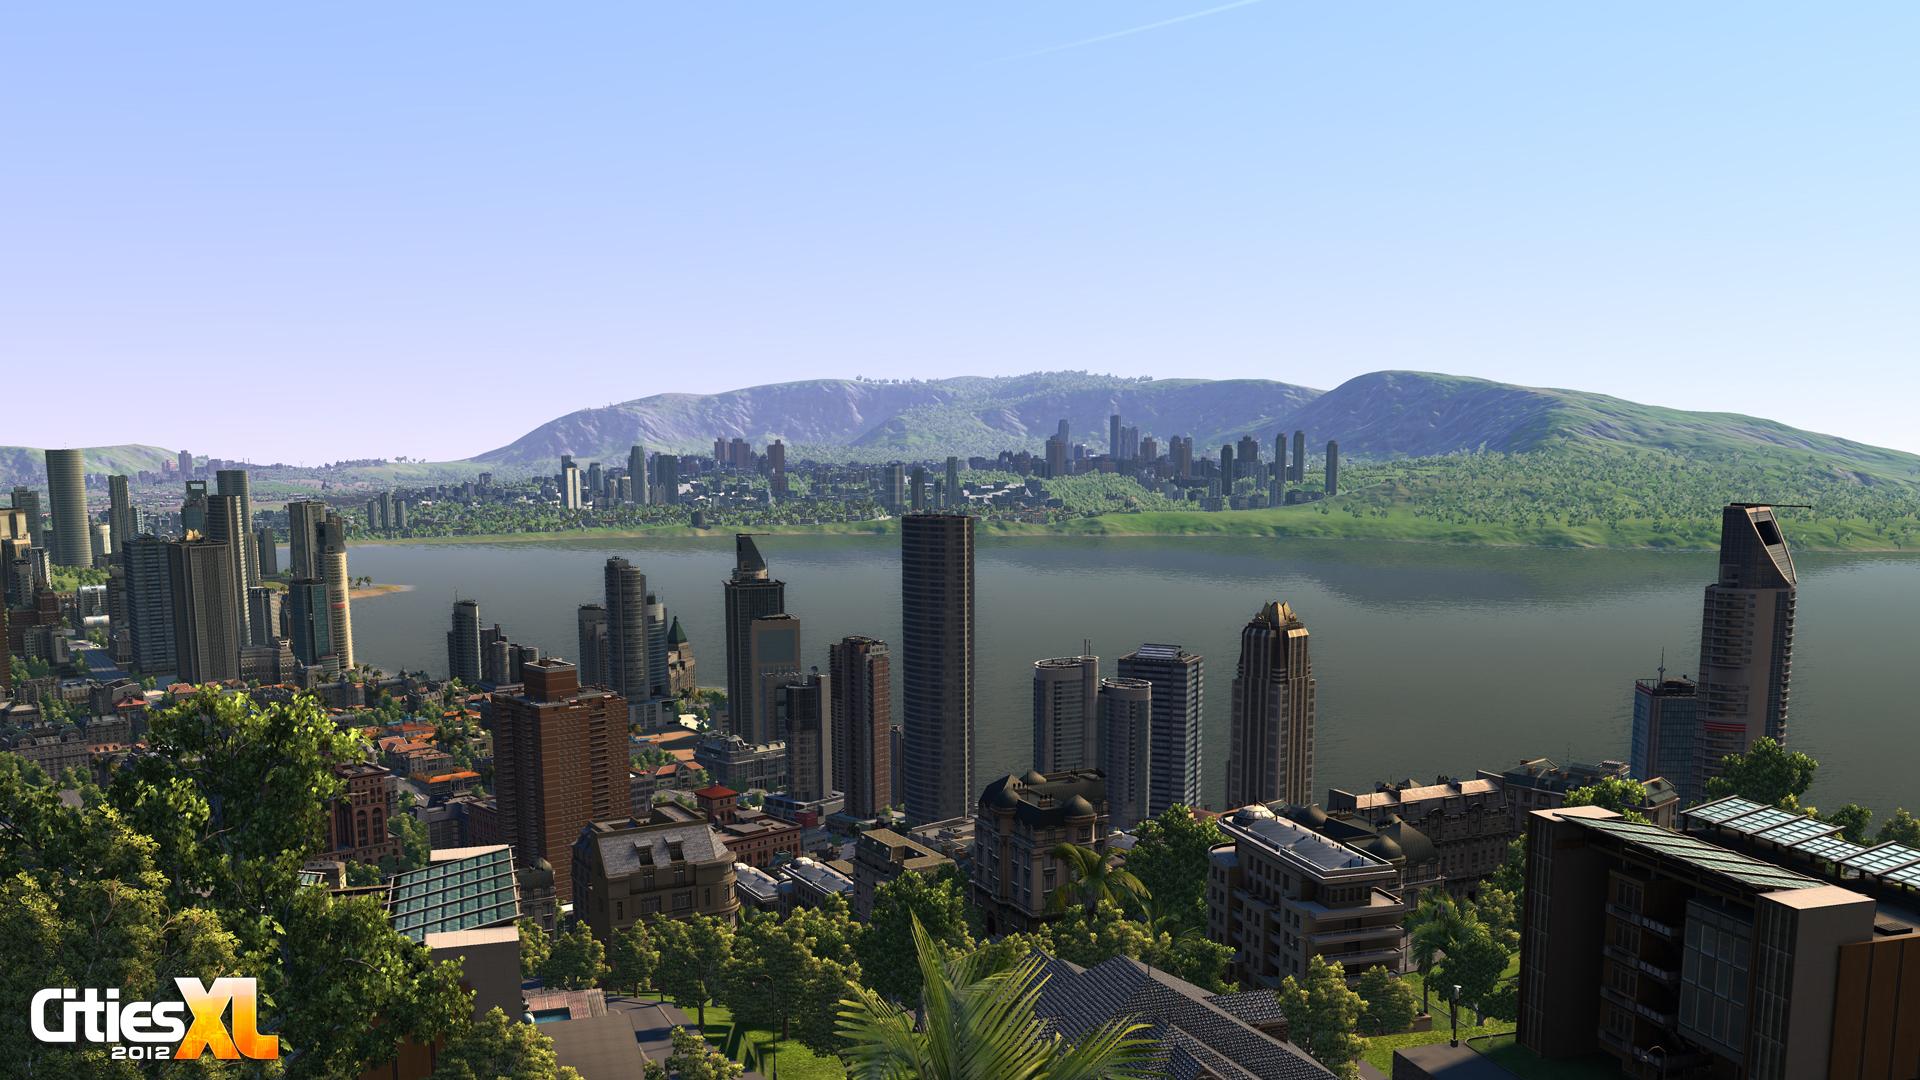 Cities XL 2012 – dvakrát do stejného města nevkročíš 55991